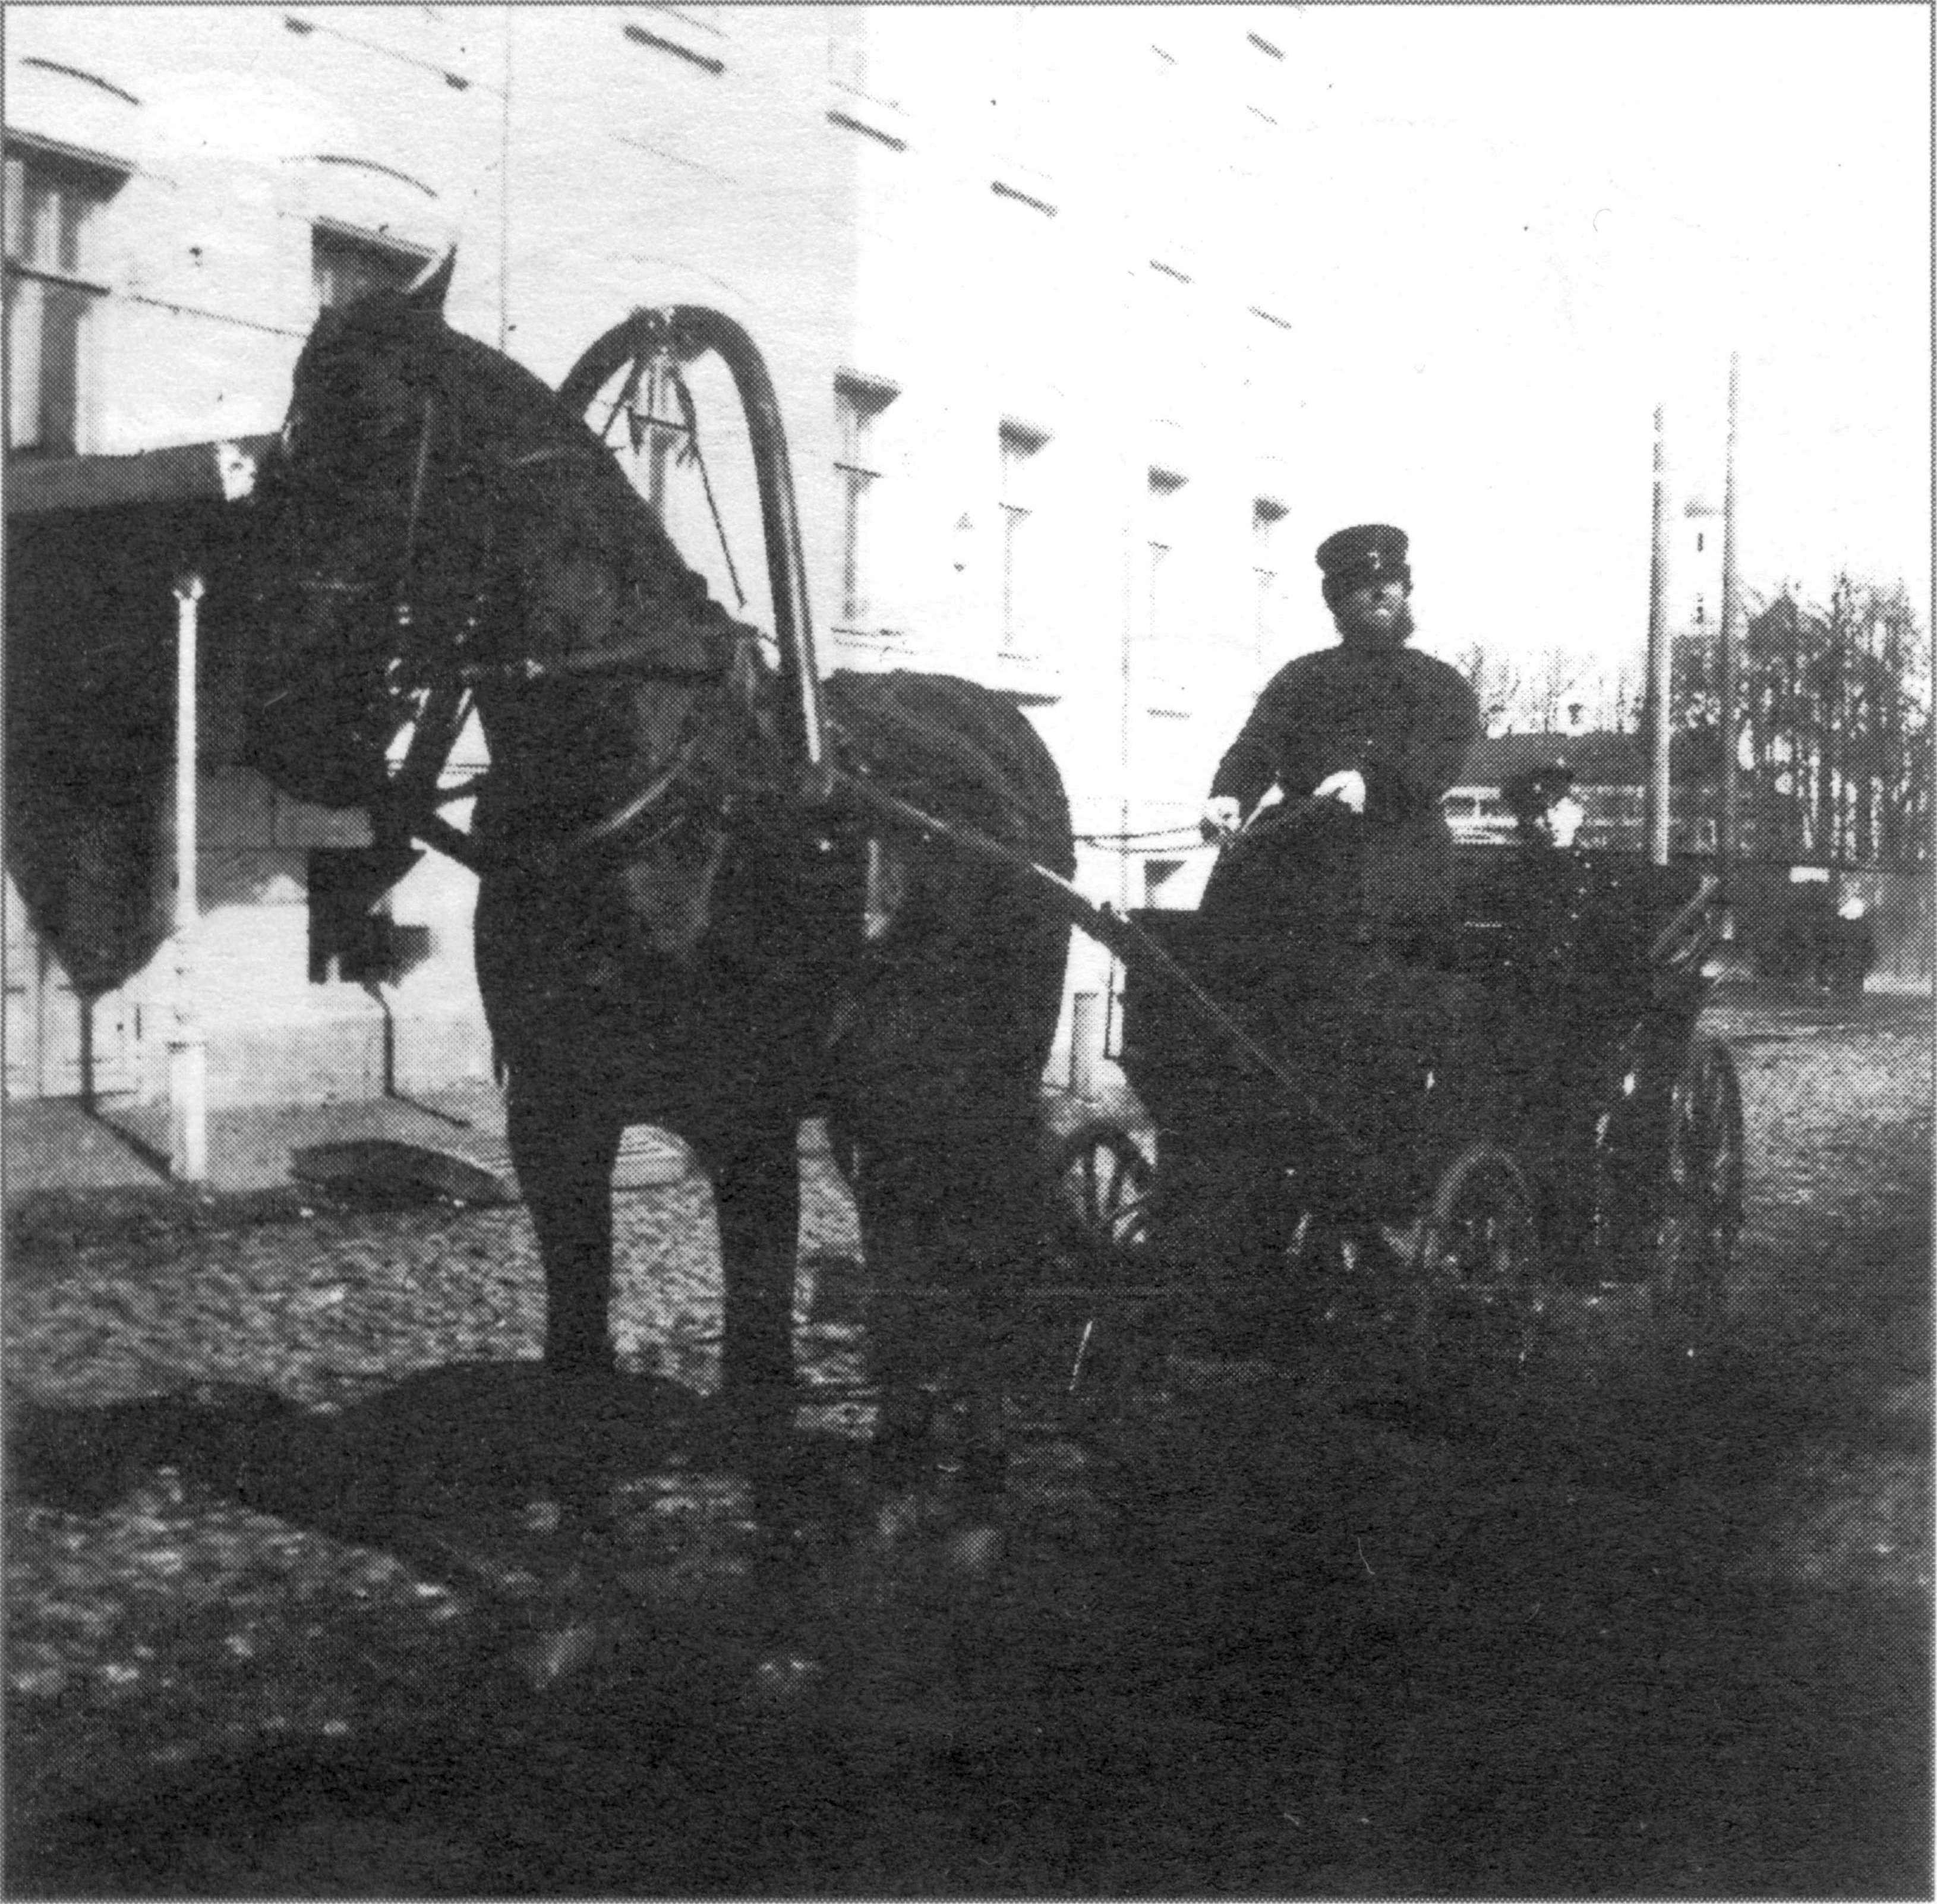 Основное средство передвижения нижегородцев в начале XX века